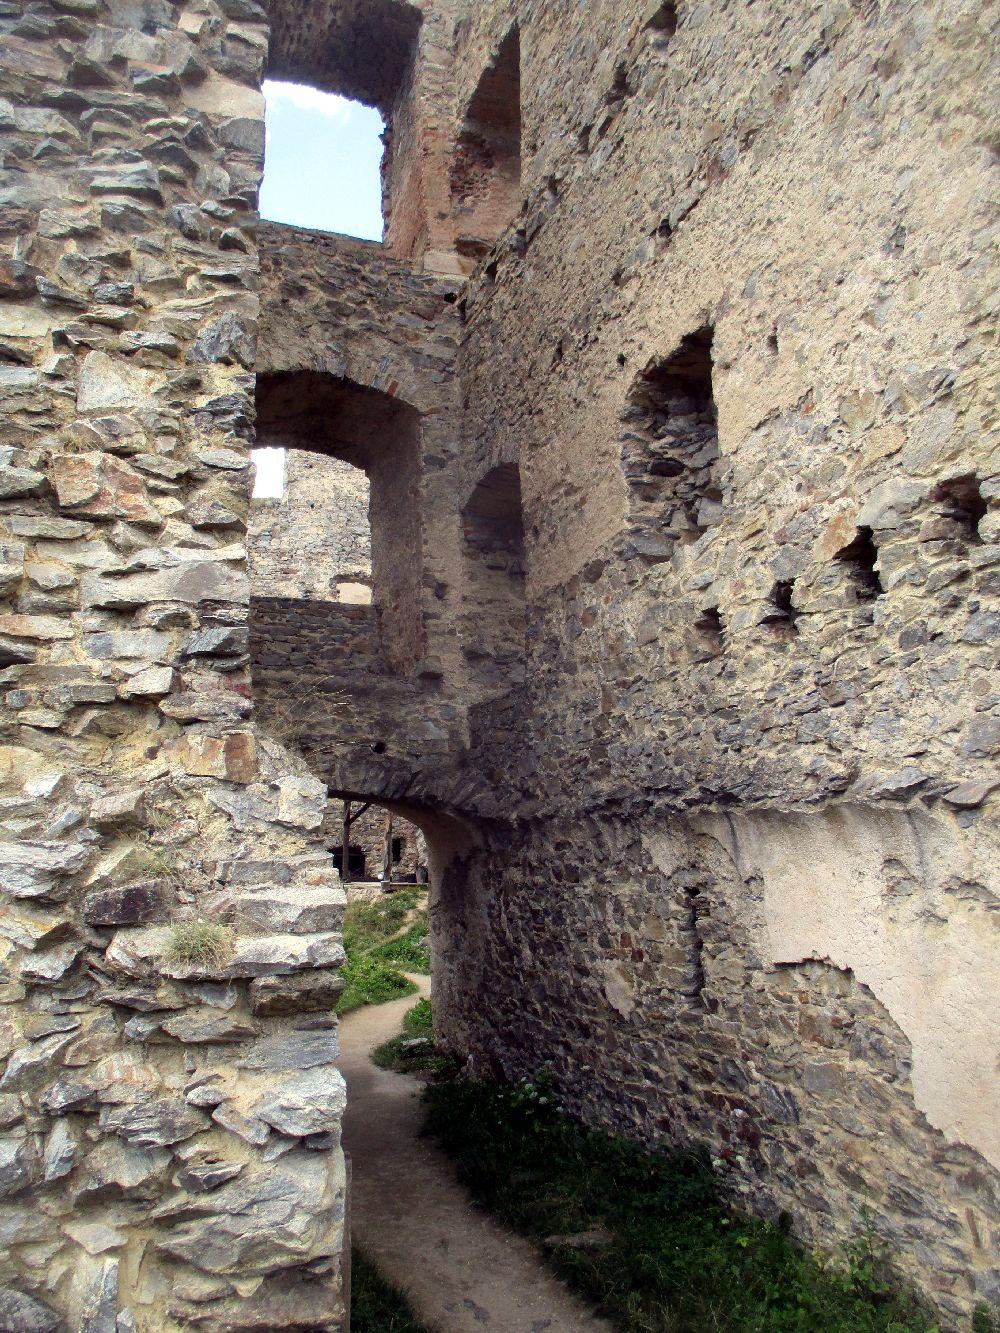 Ein massiever Mauerzung mit vielen Bogenförmigen Fenstern. Es handelt sich um teils zusammengefallene Begäude von denen nur graue Steinmauern übgirg sind. Doch es ist deutlisch zu sehen, das das Gebäude einmal sehr groß war. 3 Stockwerke sind anhand der FFensterlöcher zu sehen.